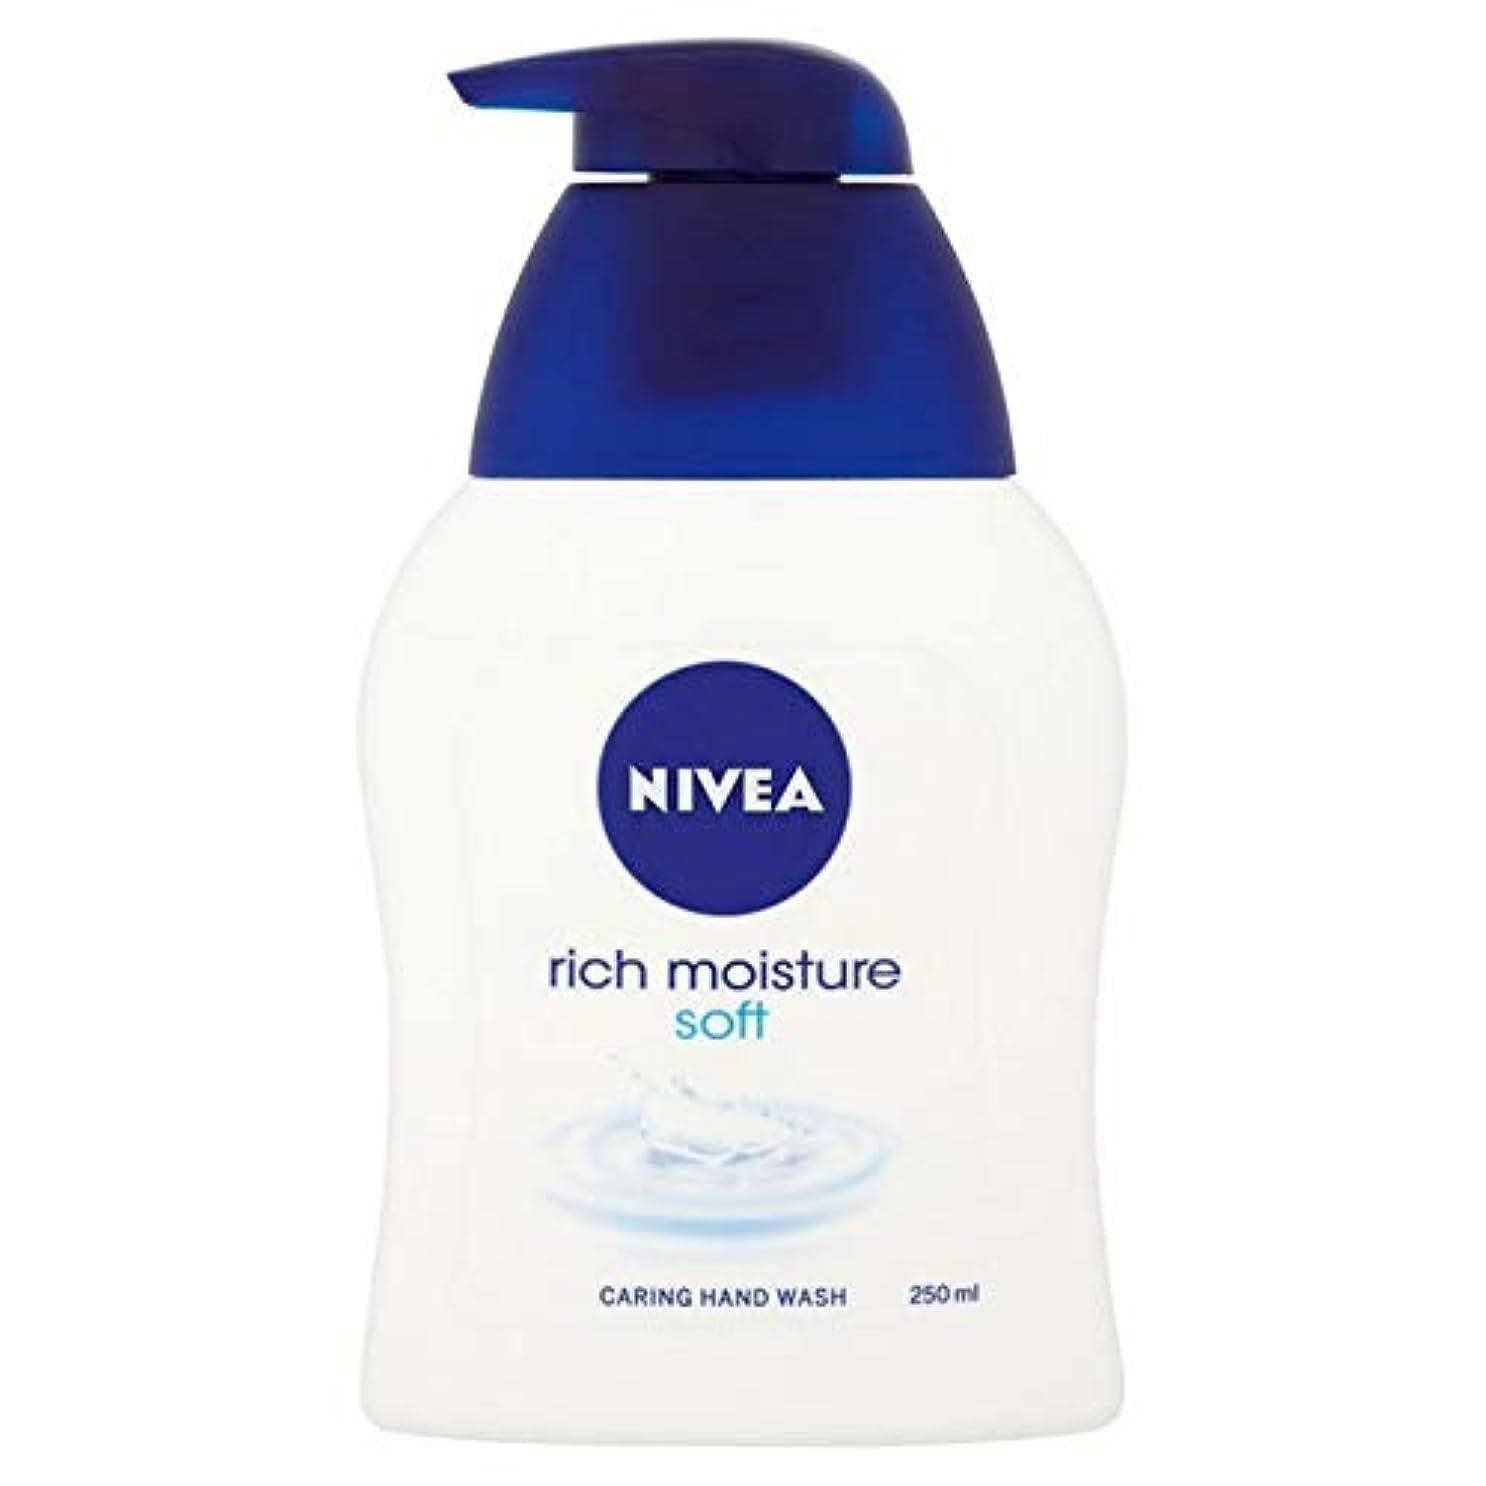 性別事奇妙な[Nivea ] ニベア豊富な水分ソフト思いやり手洗いの250ミリリットル - Nivea Rich Moisture Soft Caring Hand Wash 250ml [並行輸入品]